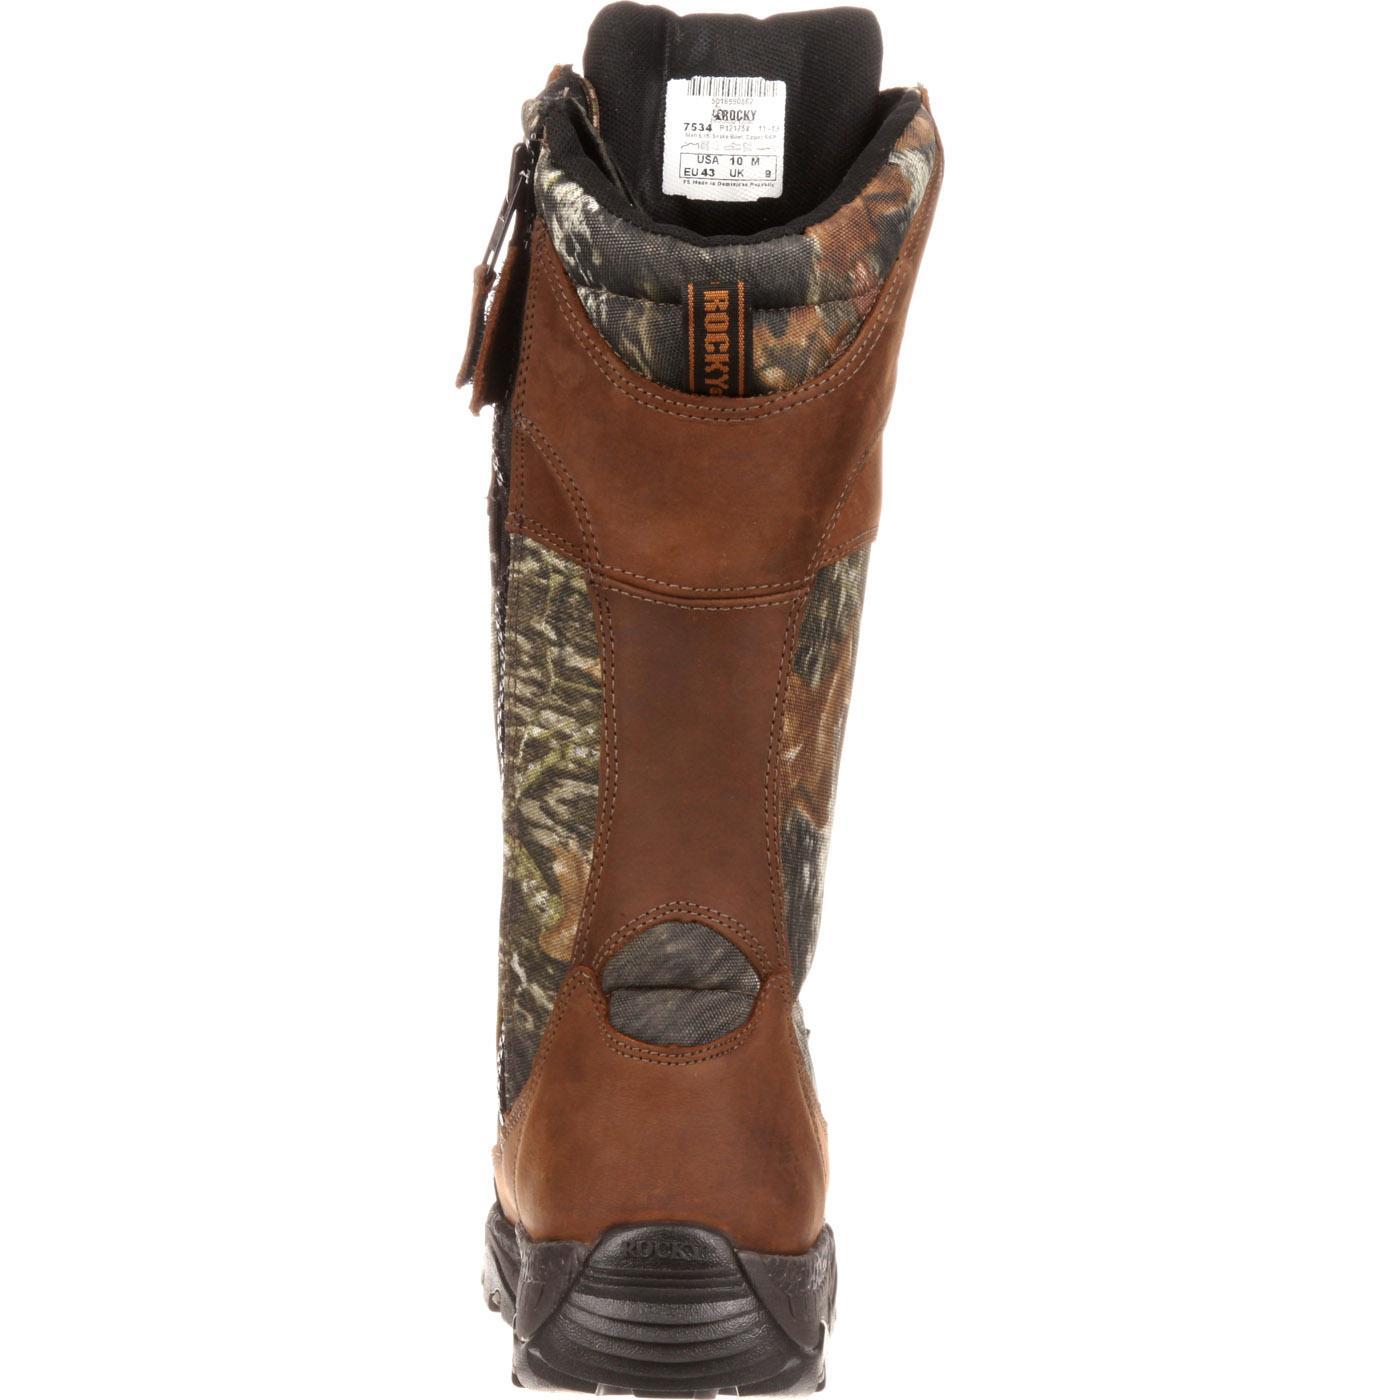 3f6bccf41d3 Rocky Classic Lynx Waterproof Side-Zip Snake Boot